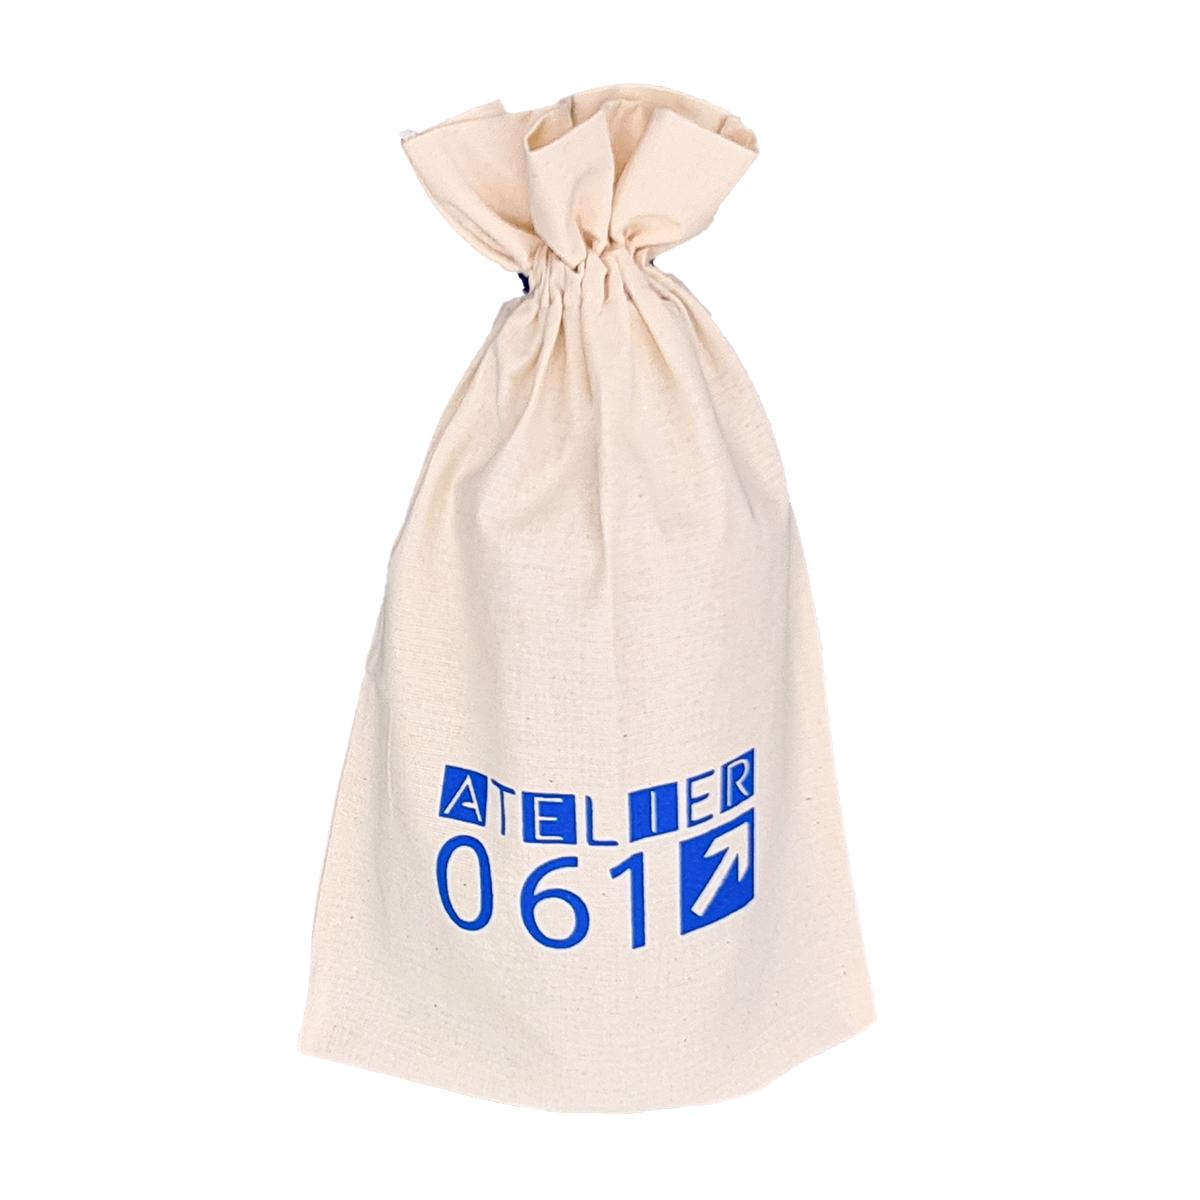 Saquinho de Algodão Cru Borda Dupla 18x40 Personalizado em Serigrafia 1 Cor   - Litex Embalagens